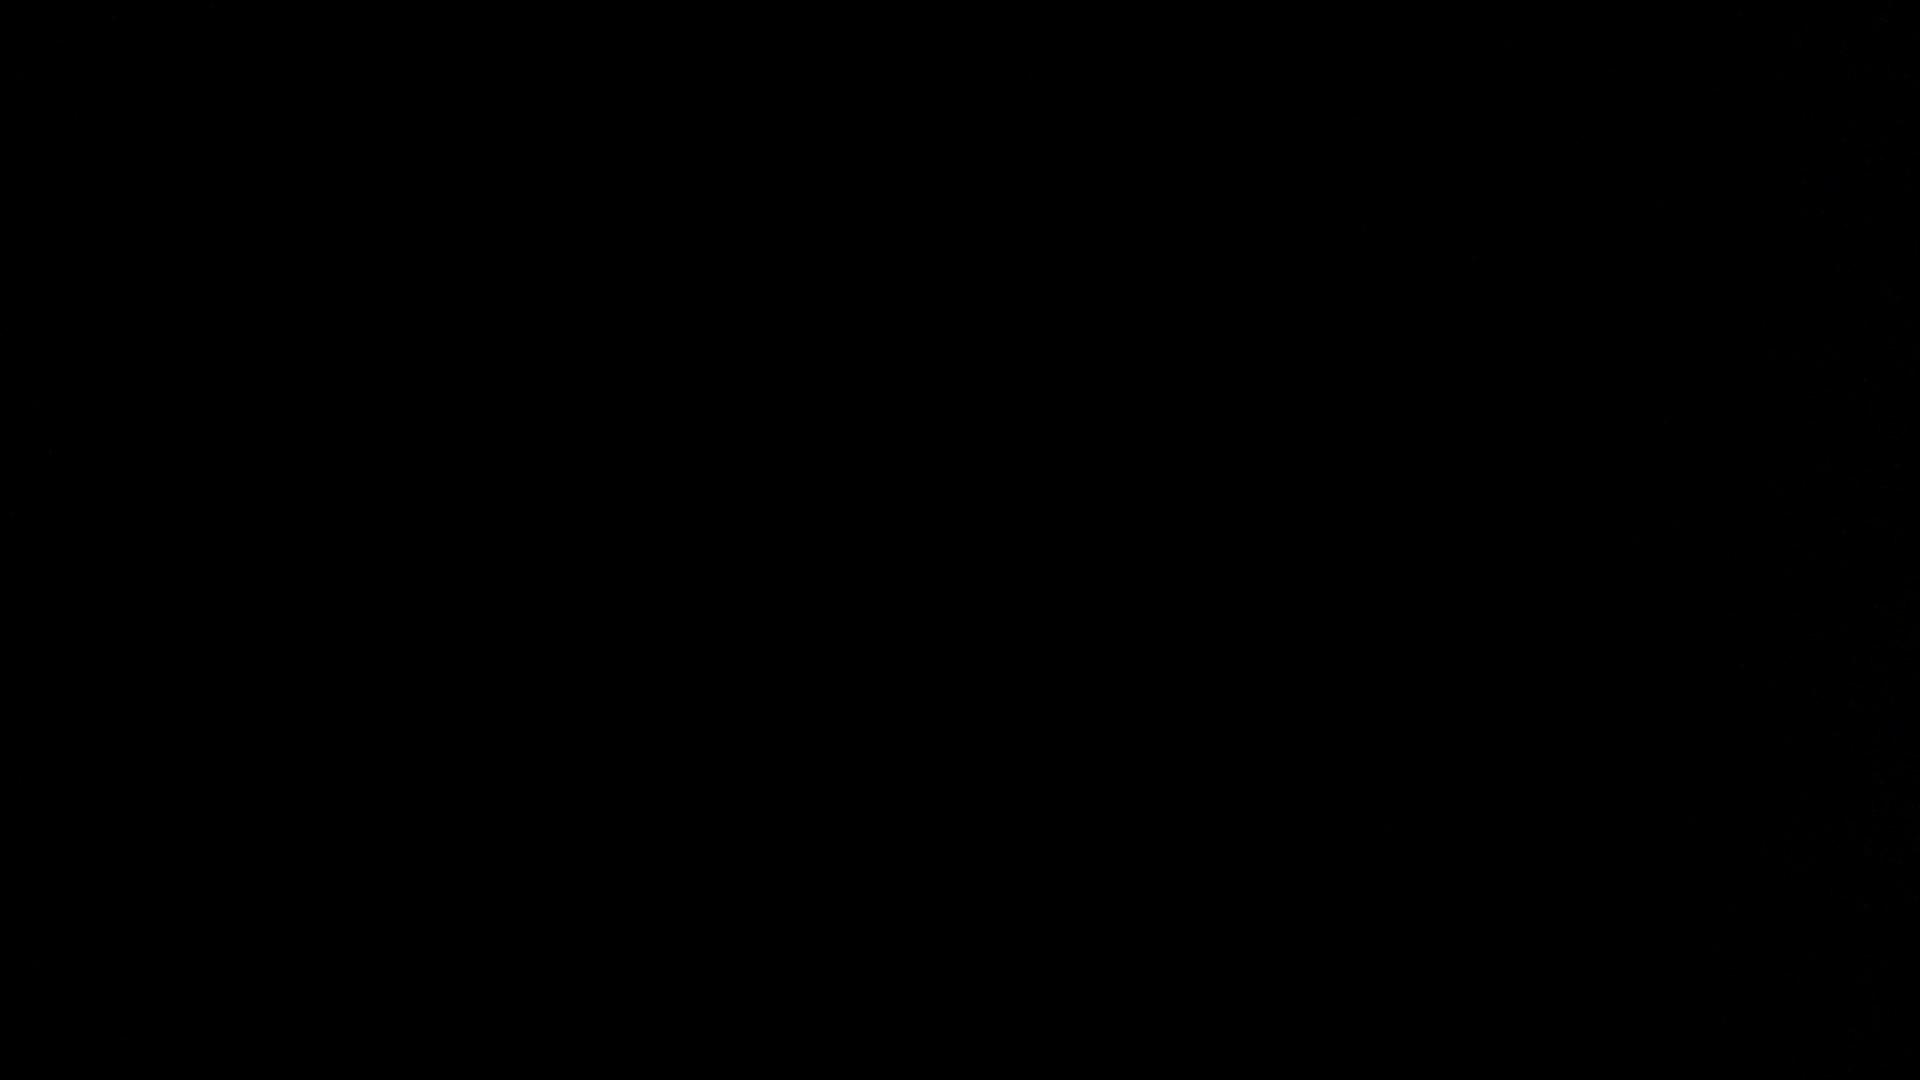 ゆめかわ男子のゆめかわオナニージャニーズ編vol.09 手コキ技あり ゲイエロ画像 84枚 23